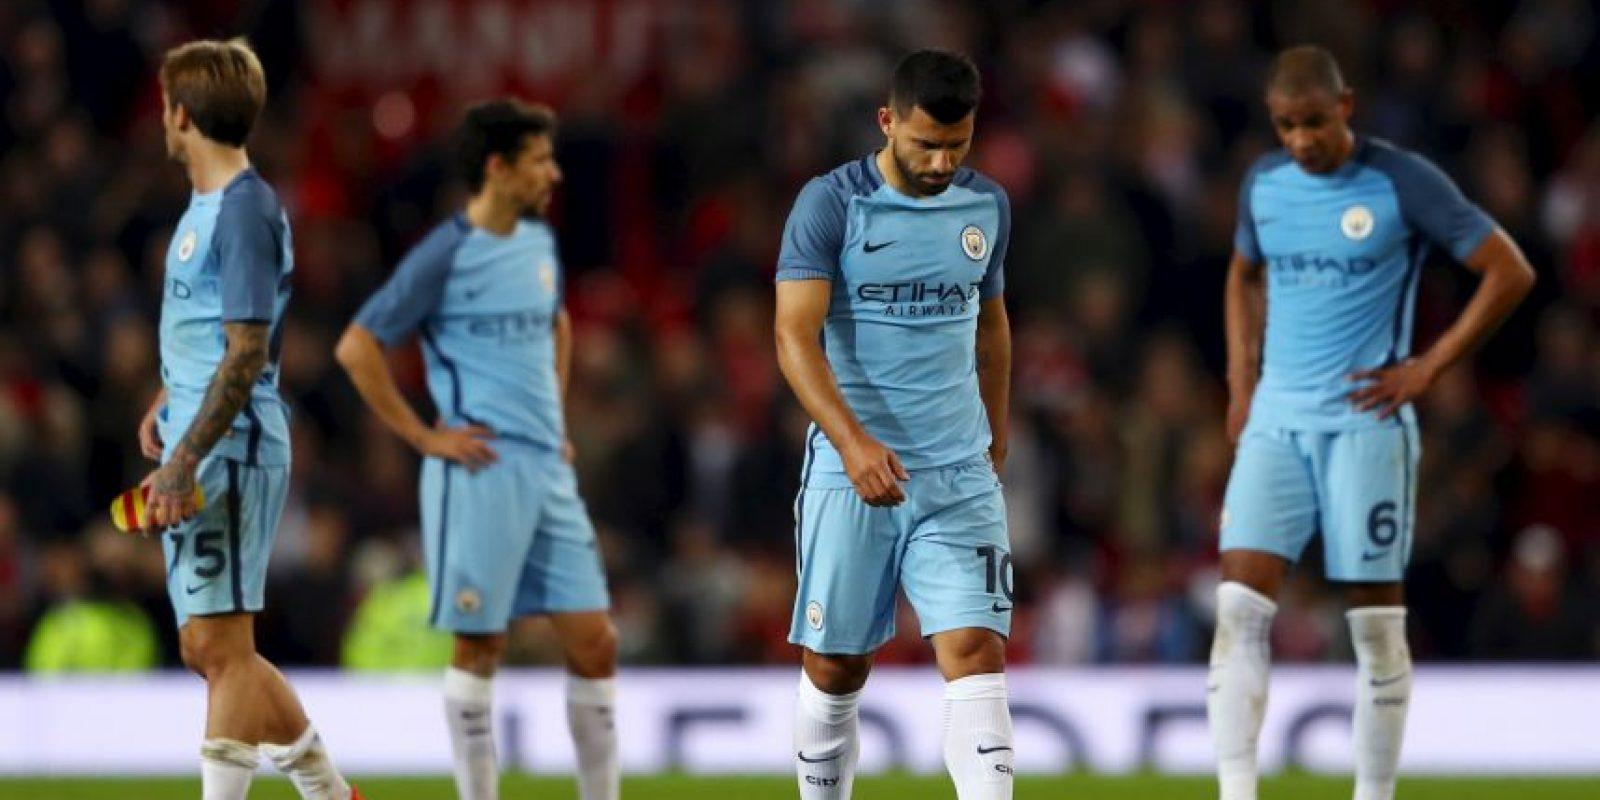 Getty Images Foto:Ahora, para ahondar la crisis, cayeron ante Manchester United y fueron eliminados de la Capital One Cup.